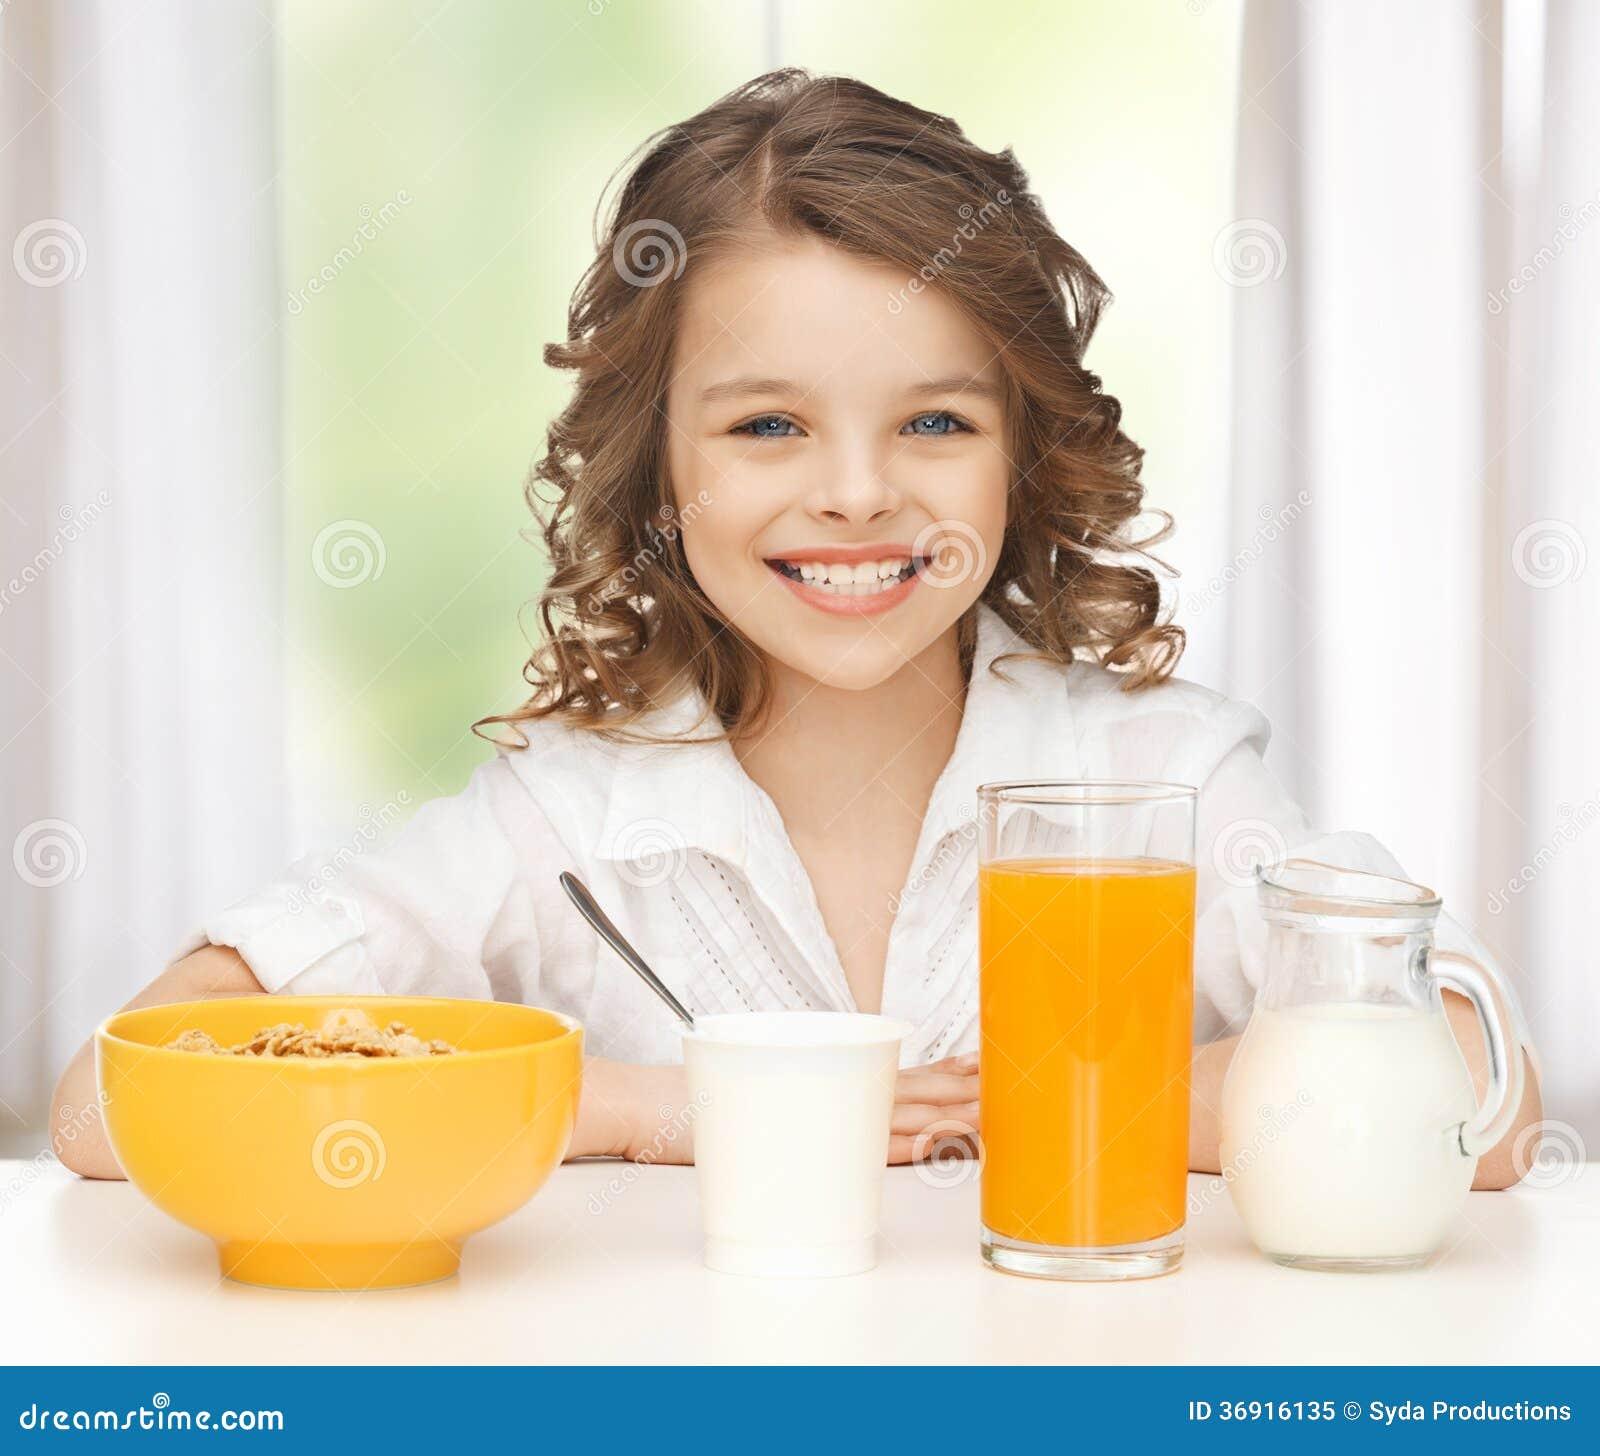 Dziewczyna z zdrowym śniadaniem